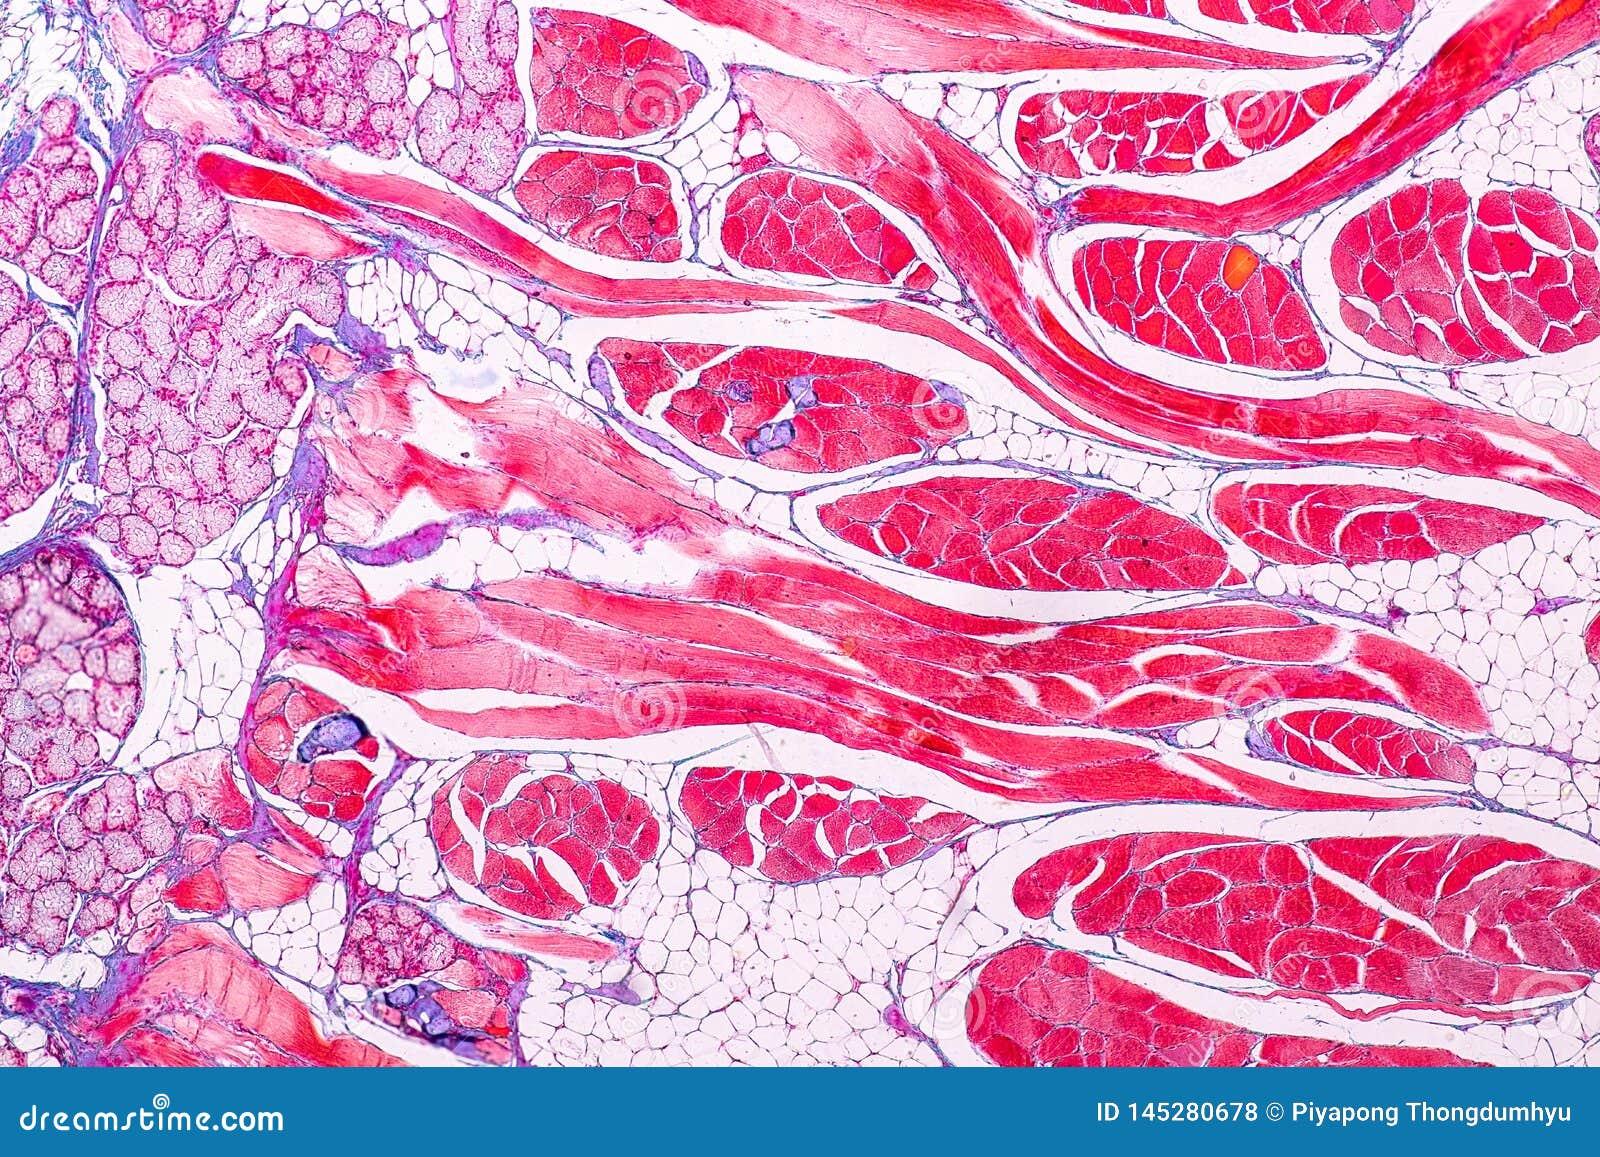 Utbildningsanatomi och livsfunktioner av tungan under det mikroskopiskt